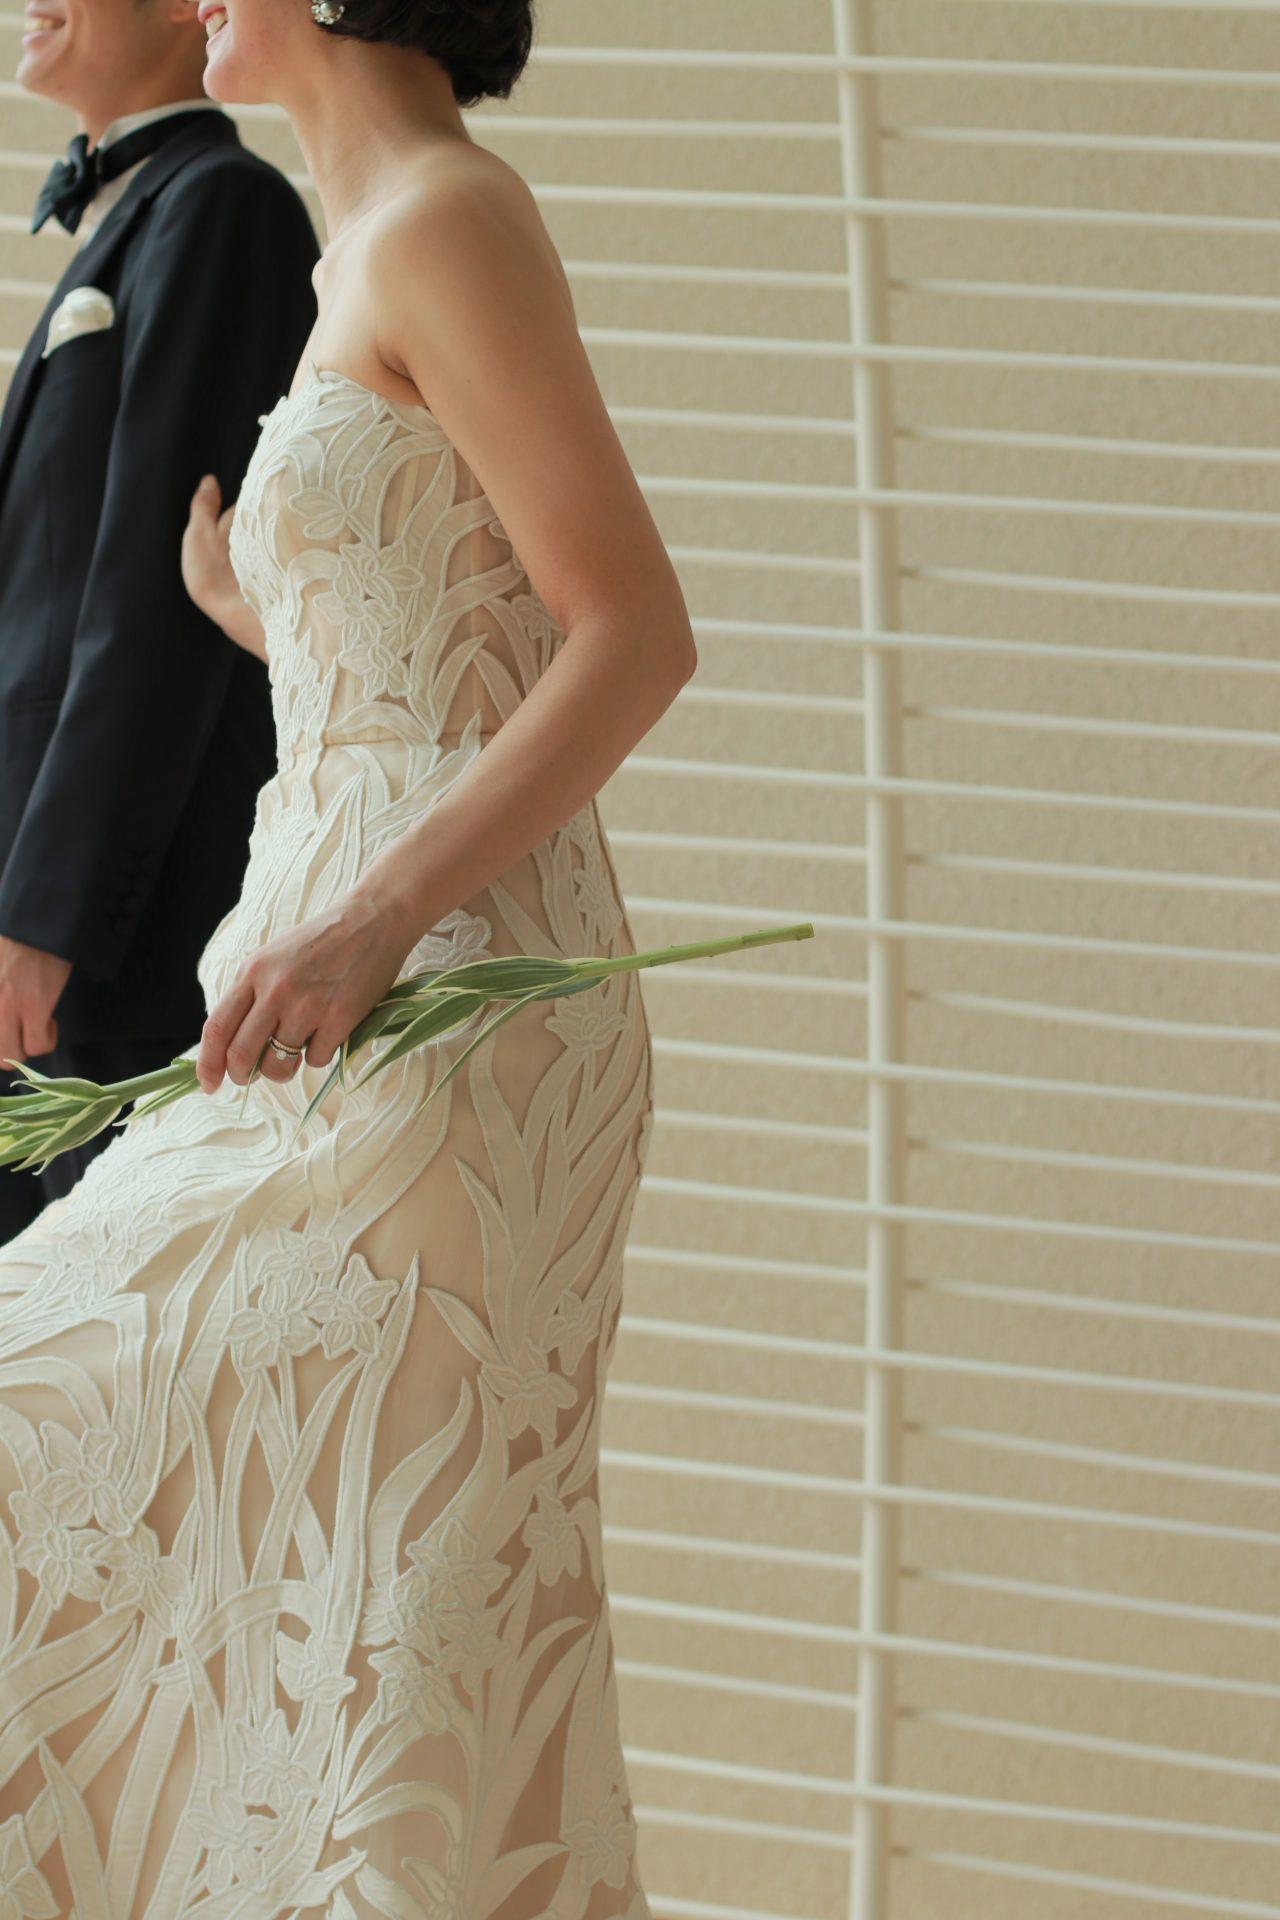 結婚式に欠かせない花嫁の左手薬指に光る結婚指輪が、ウェディングドレス姿に華を添えます